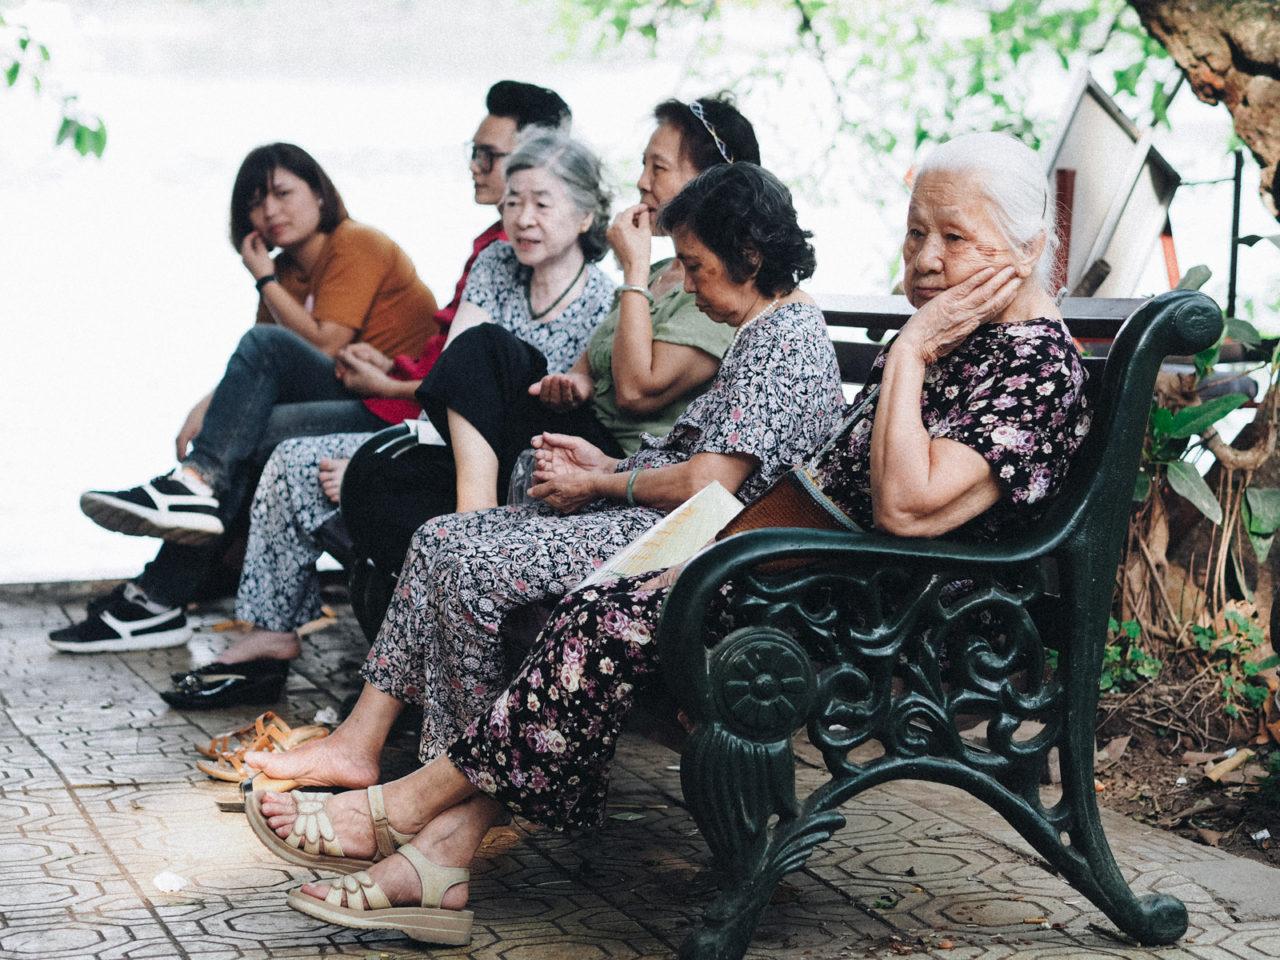 Hanoi rejseguide - seværdigheder, oplevelser, shopping